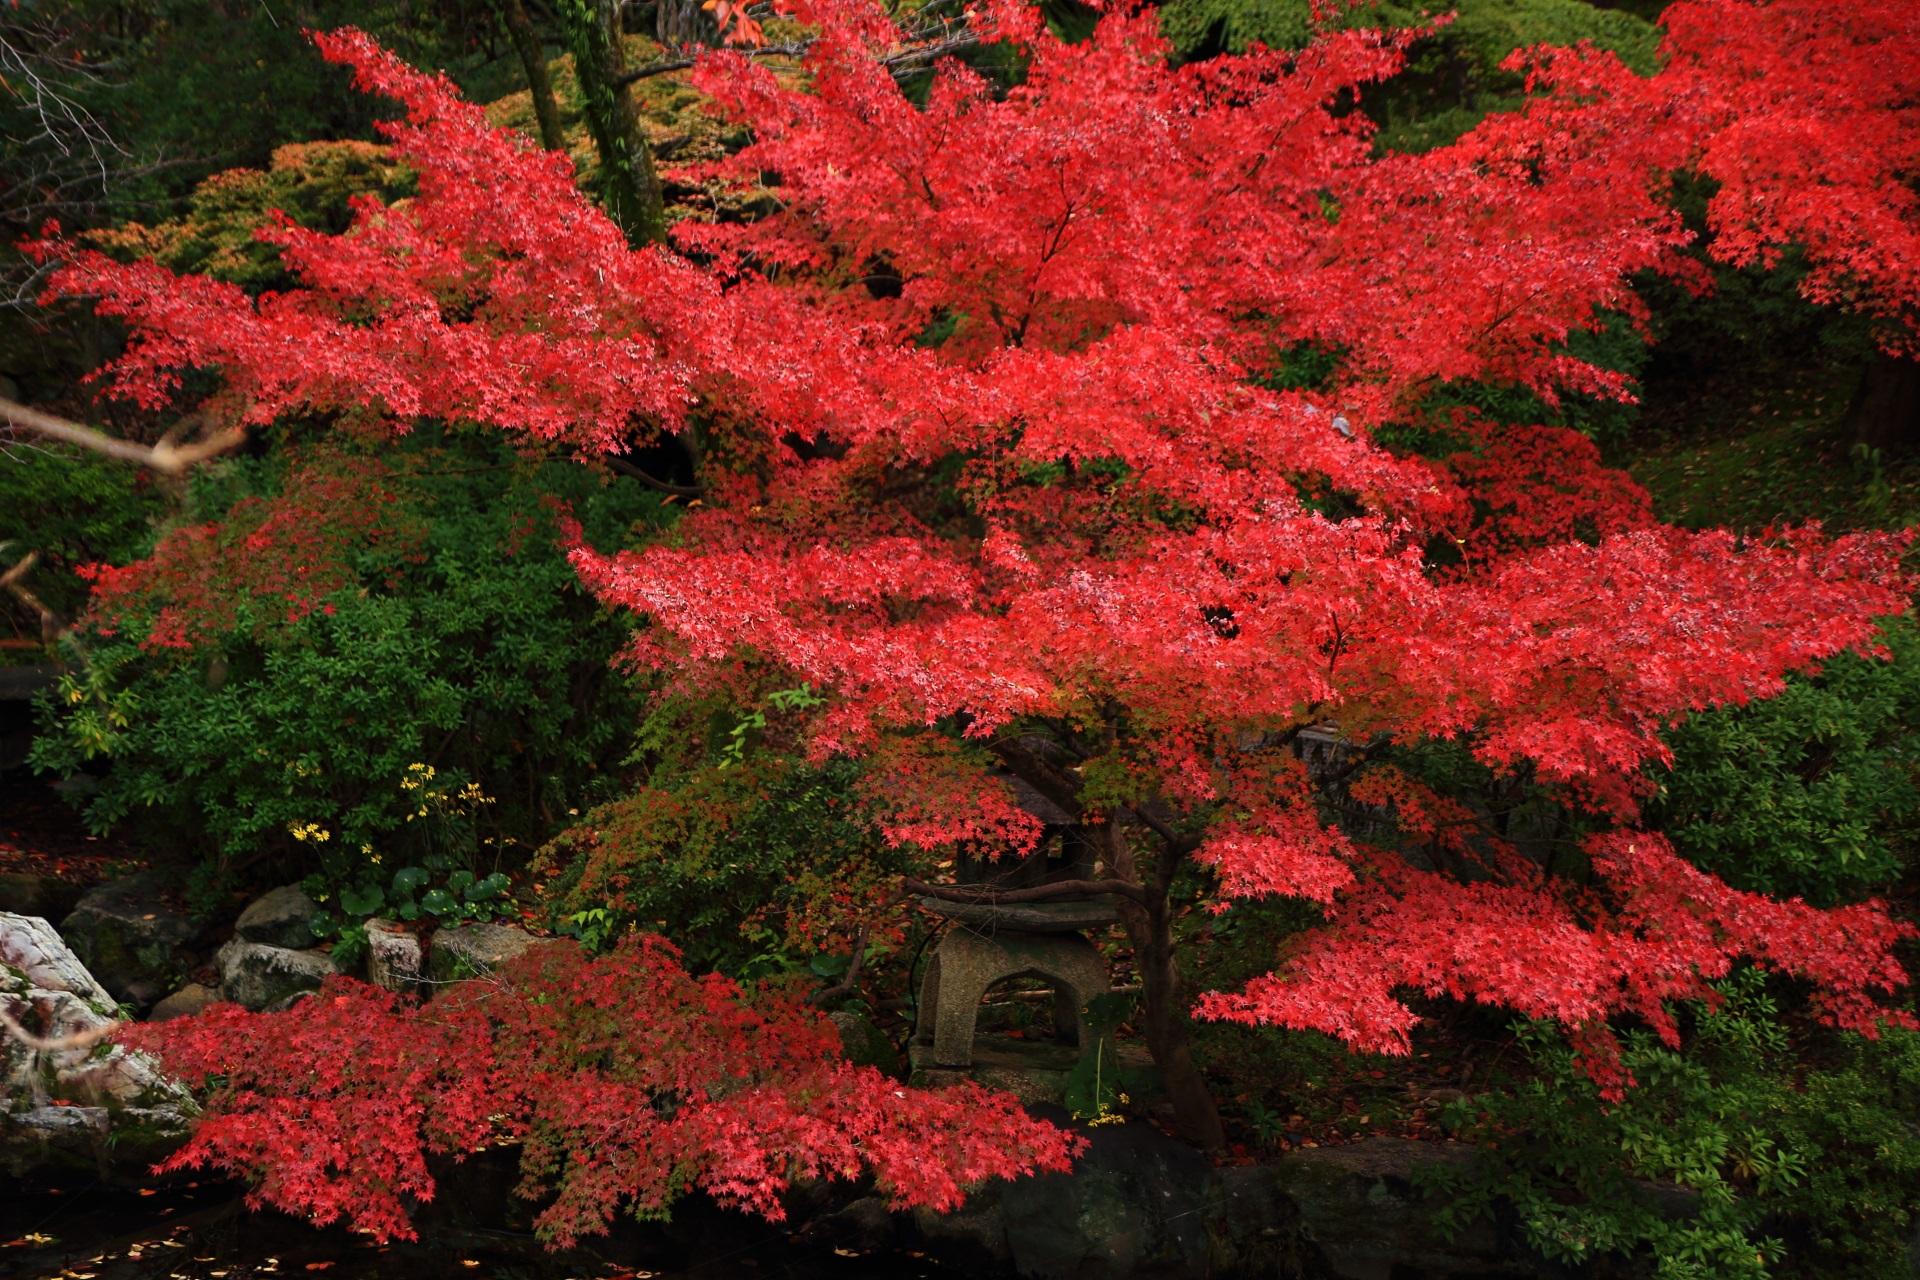 大谷本廟の皓月池畔の燈籠を彩る真っ赤な紅葉